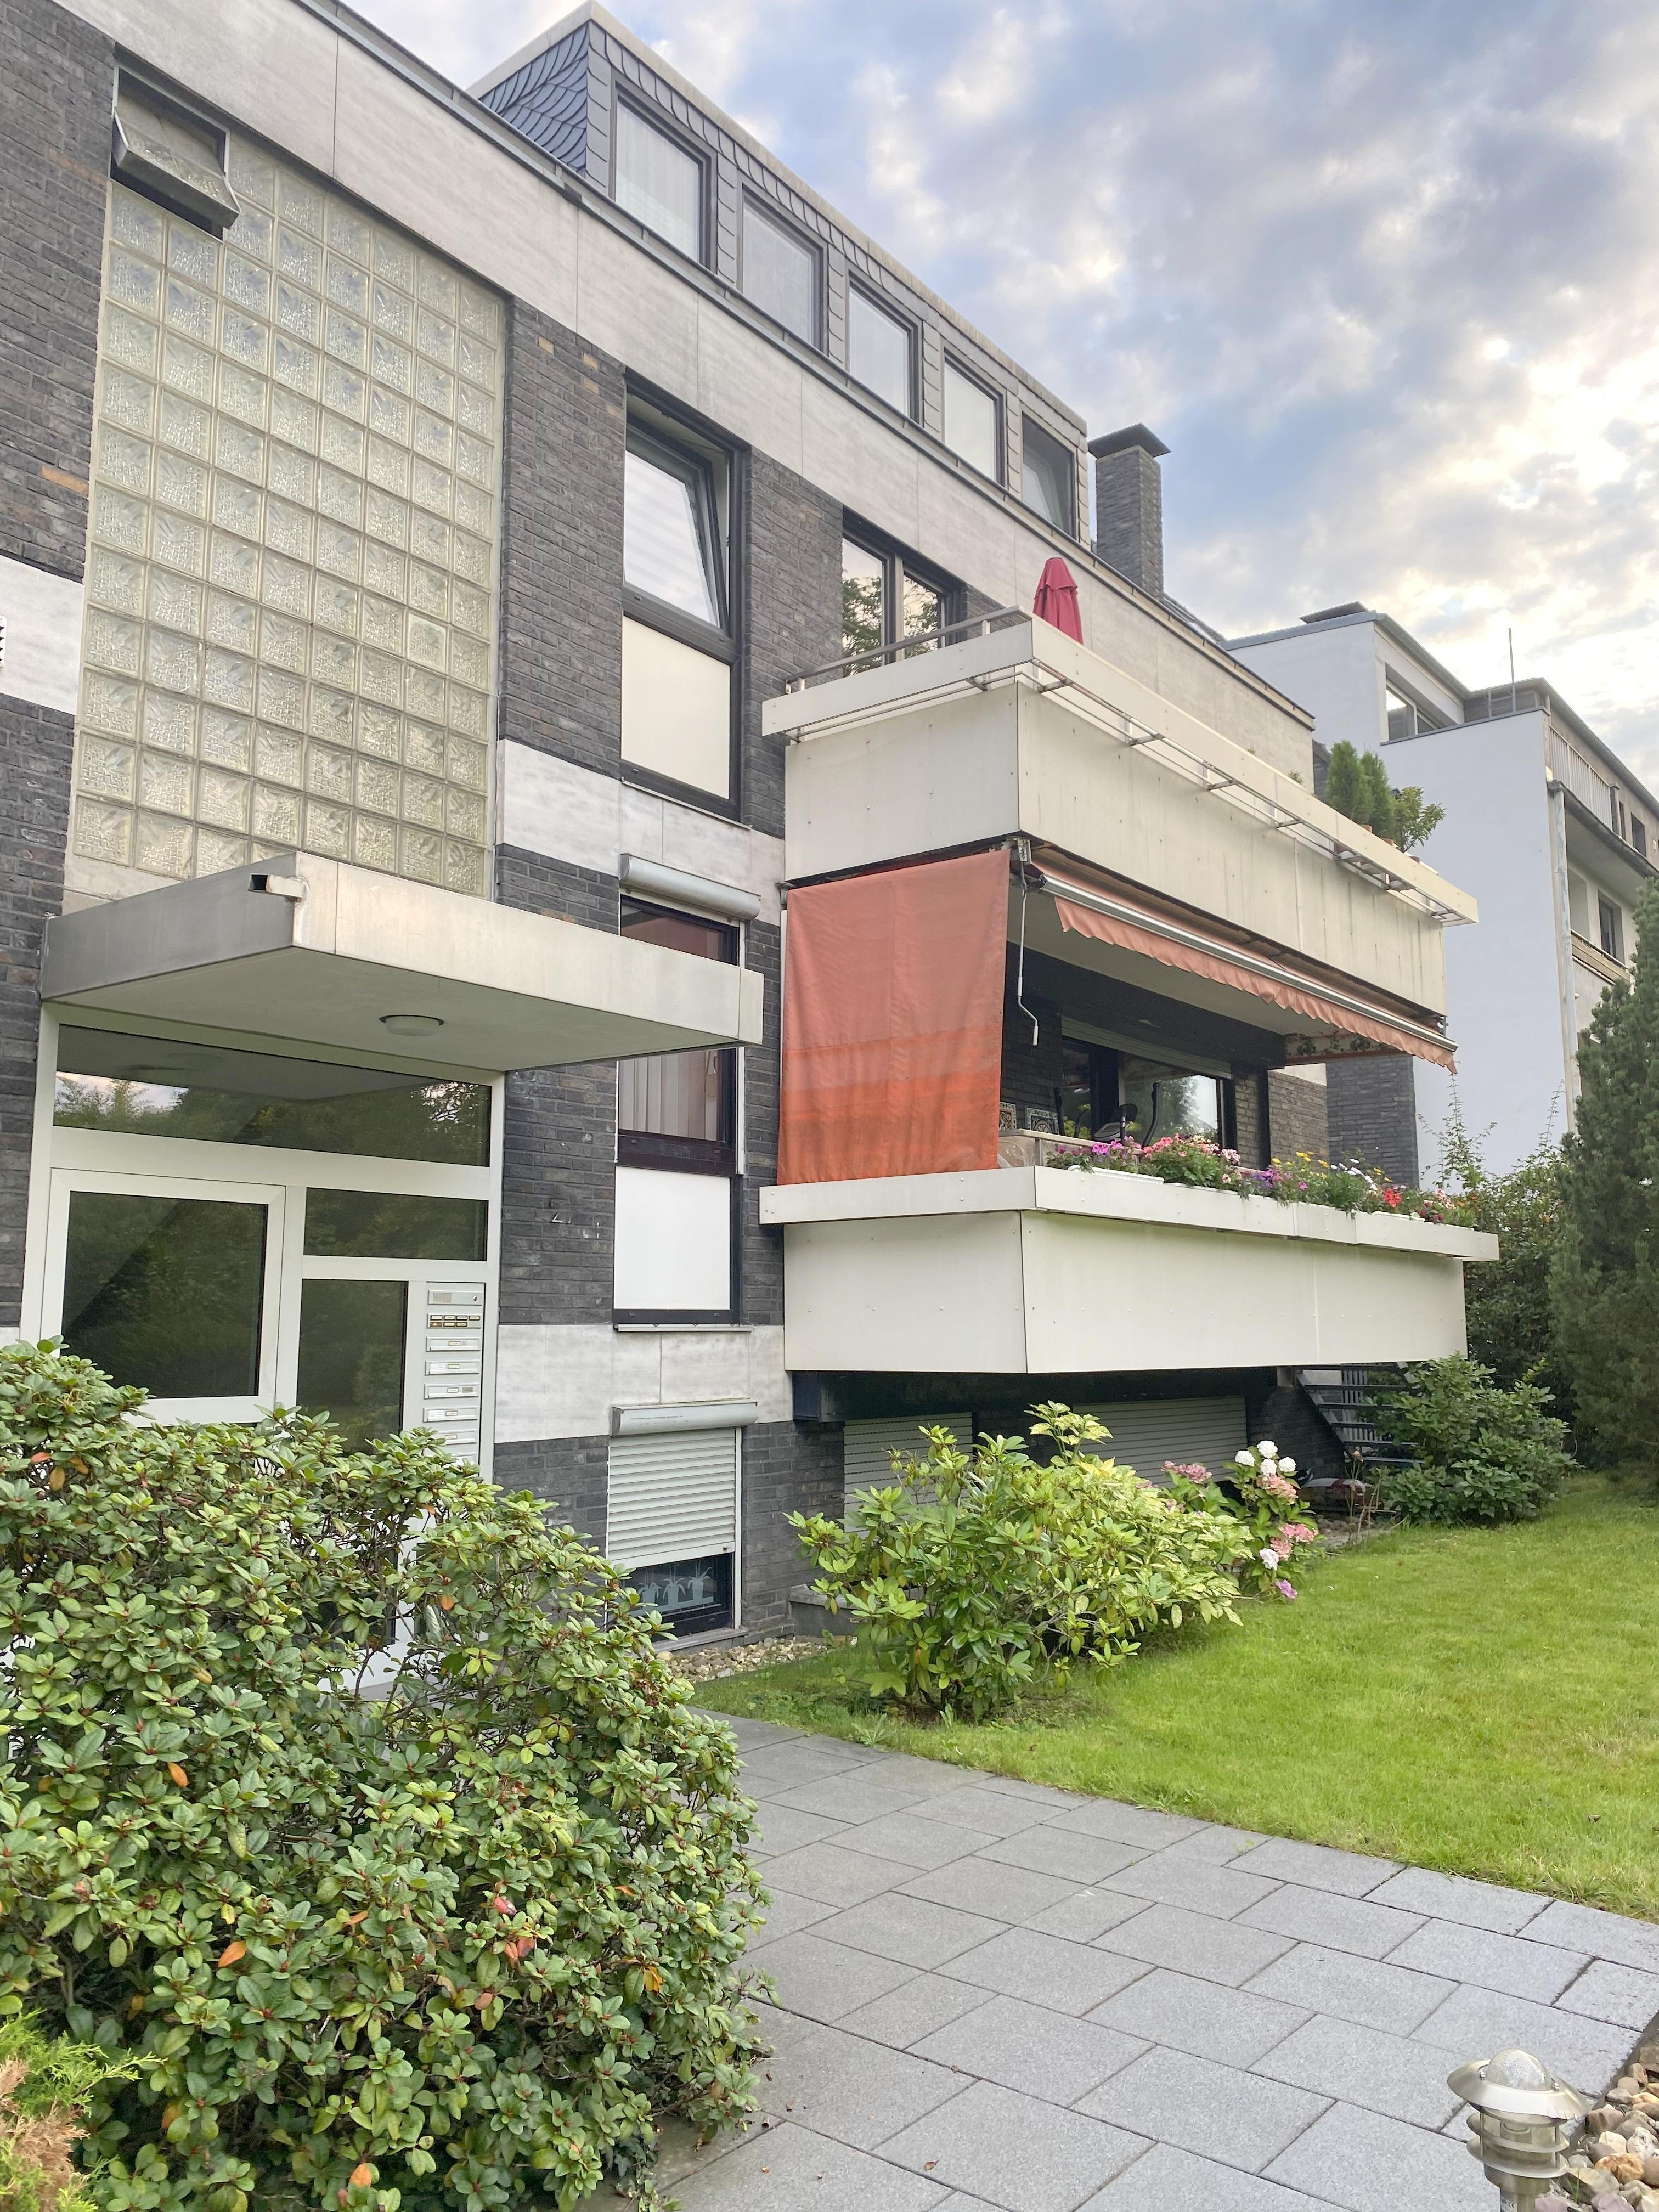 """""""Maisonette-Wohnung mit viel Potenzial zur individuellen Gestaltung, 2 Balkonen und 2 Tiefgaragenstellplätzen im sehr begehrten Stadtteil Düsseldorf-Mörsenbroich"""""""